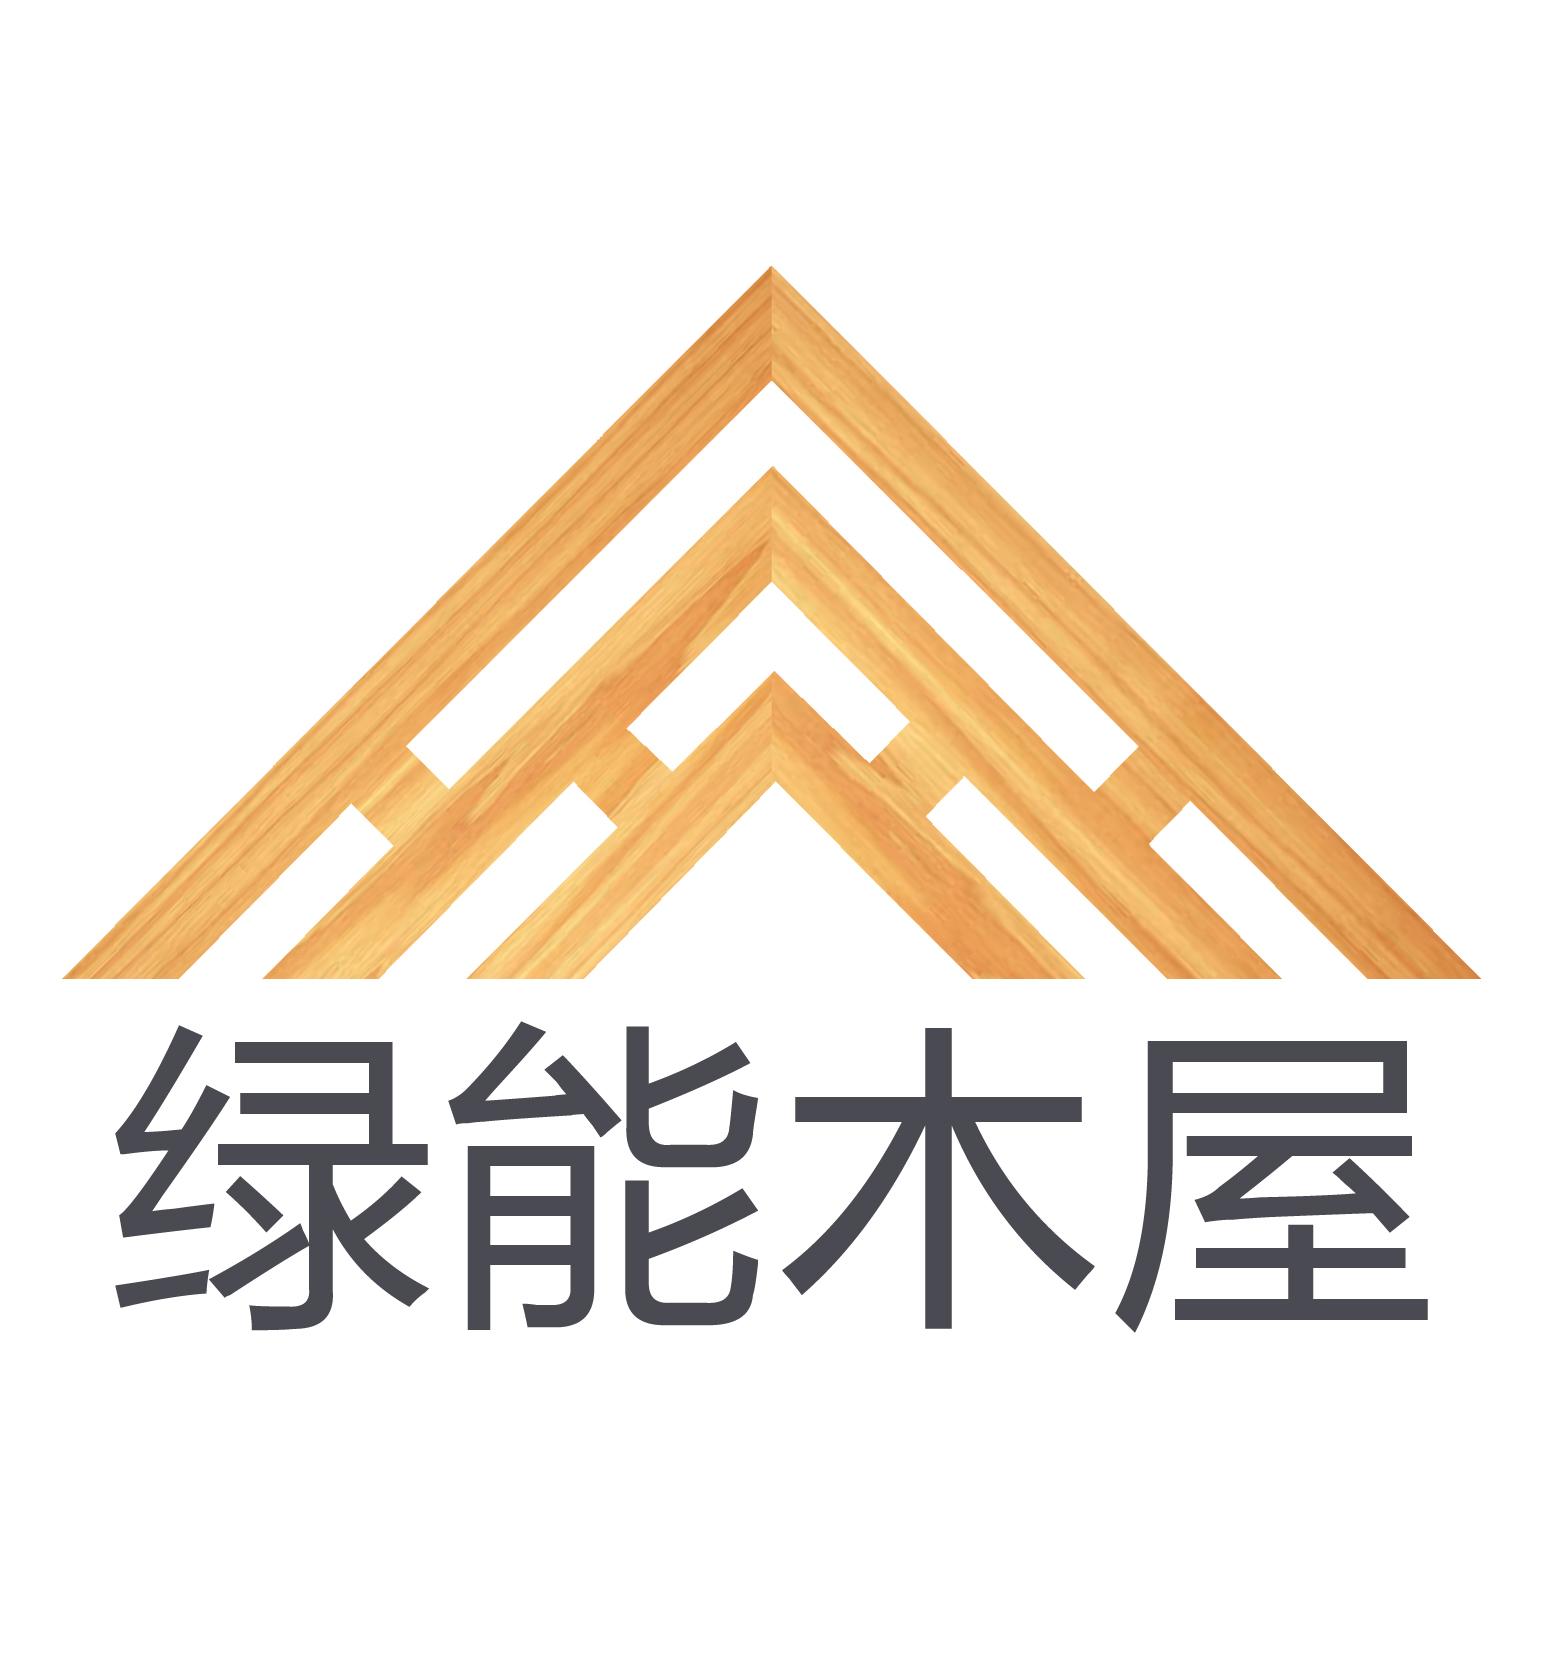 江苏绿能环保集成木屋有限公司